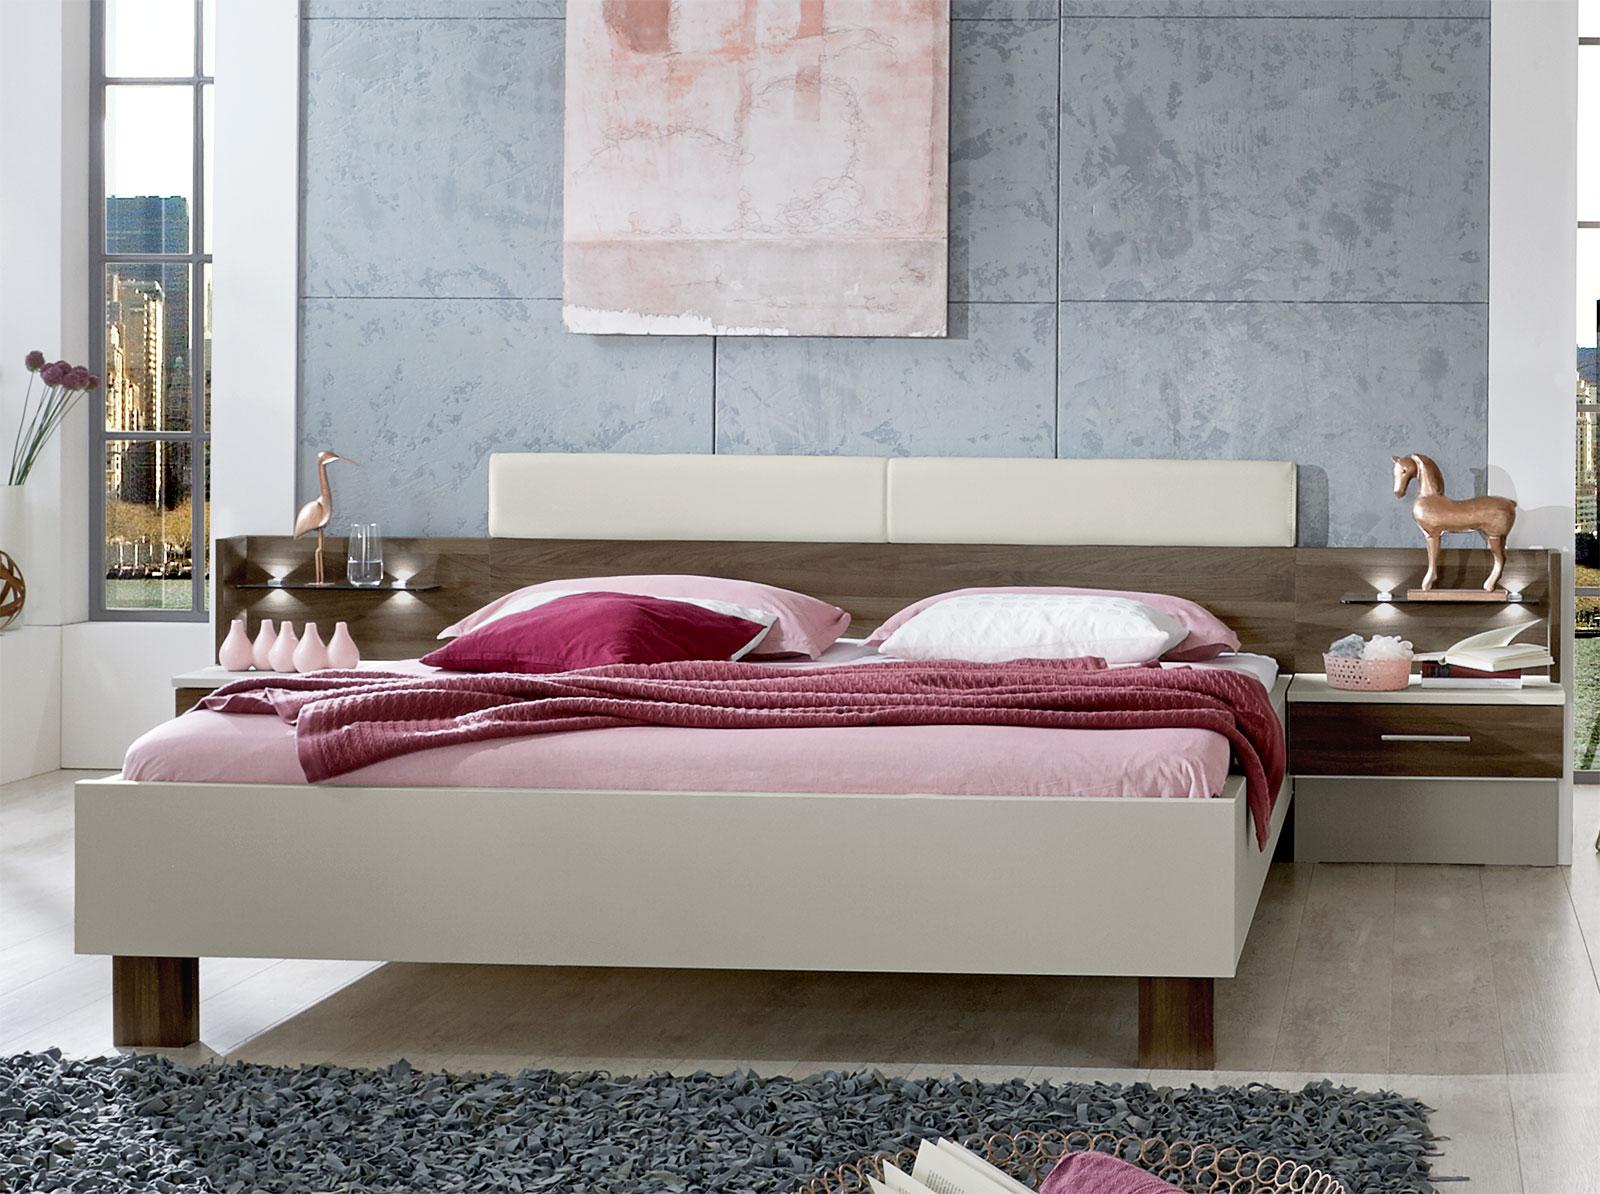 Günstiges Designerbett inklusive 2 Schubladen-Nachttische - Moa